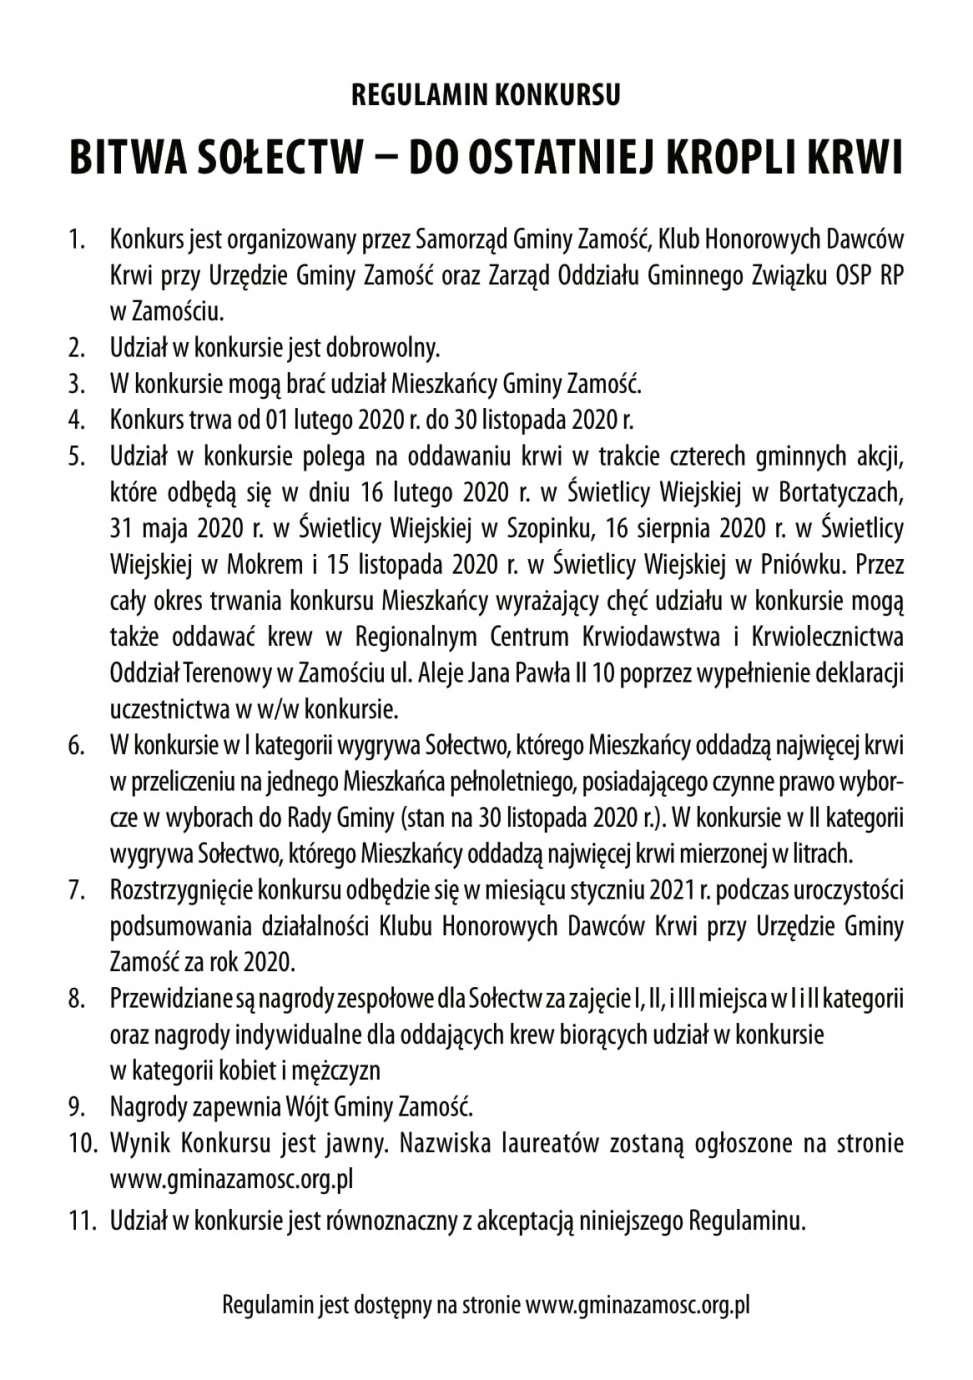 """ulotka 2 Gm. Zamość: Ruszyła III edycja konkursu """"Bitwa sołectw – do ostatniej kropli krwi"""""""